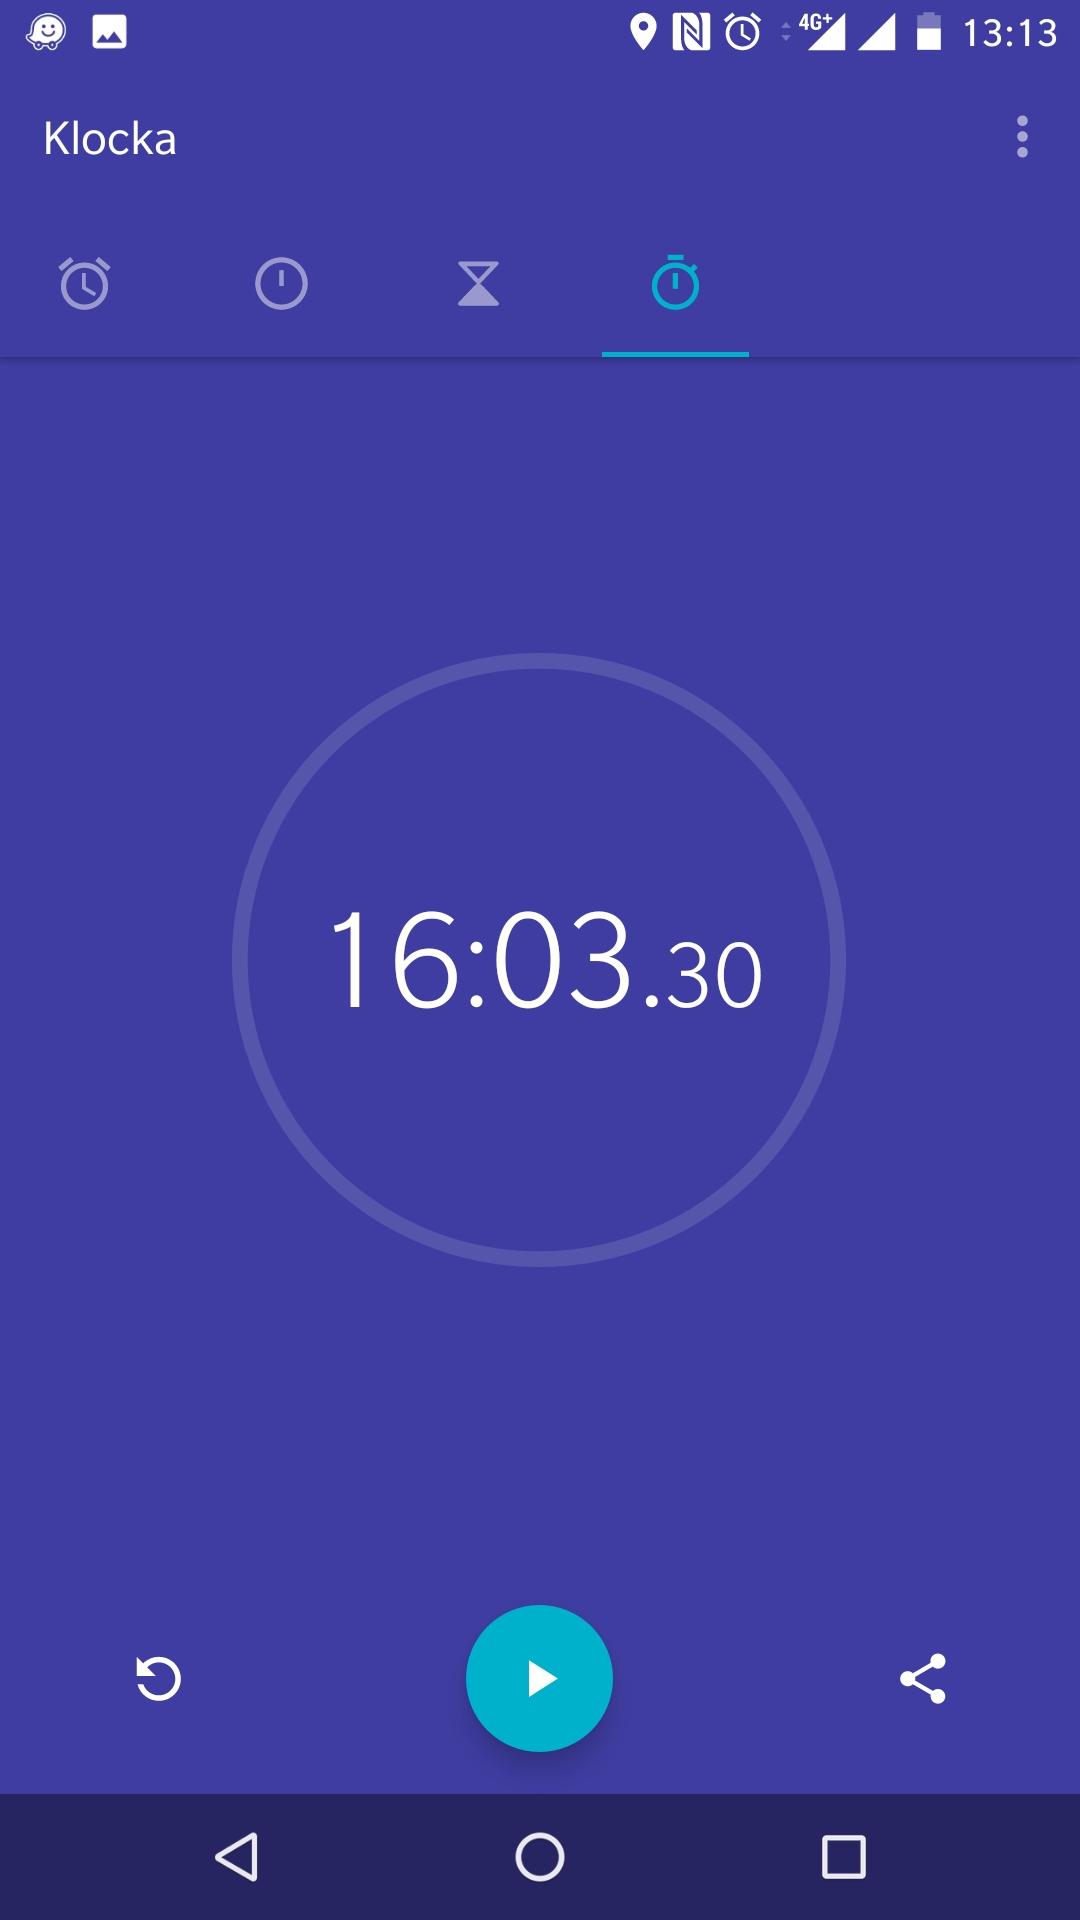 Tiden var 16:03